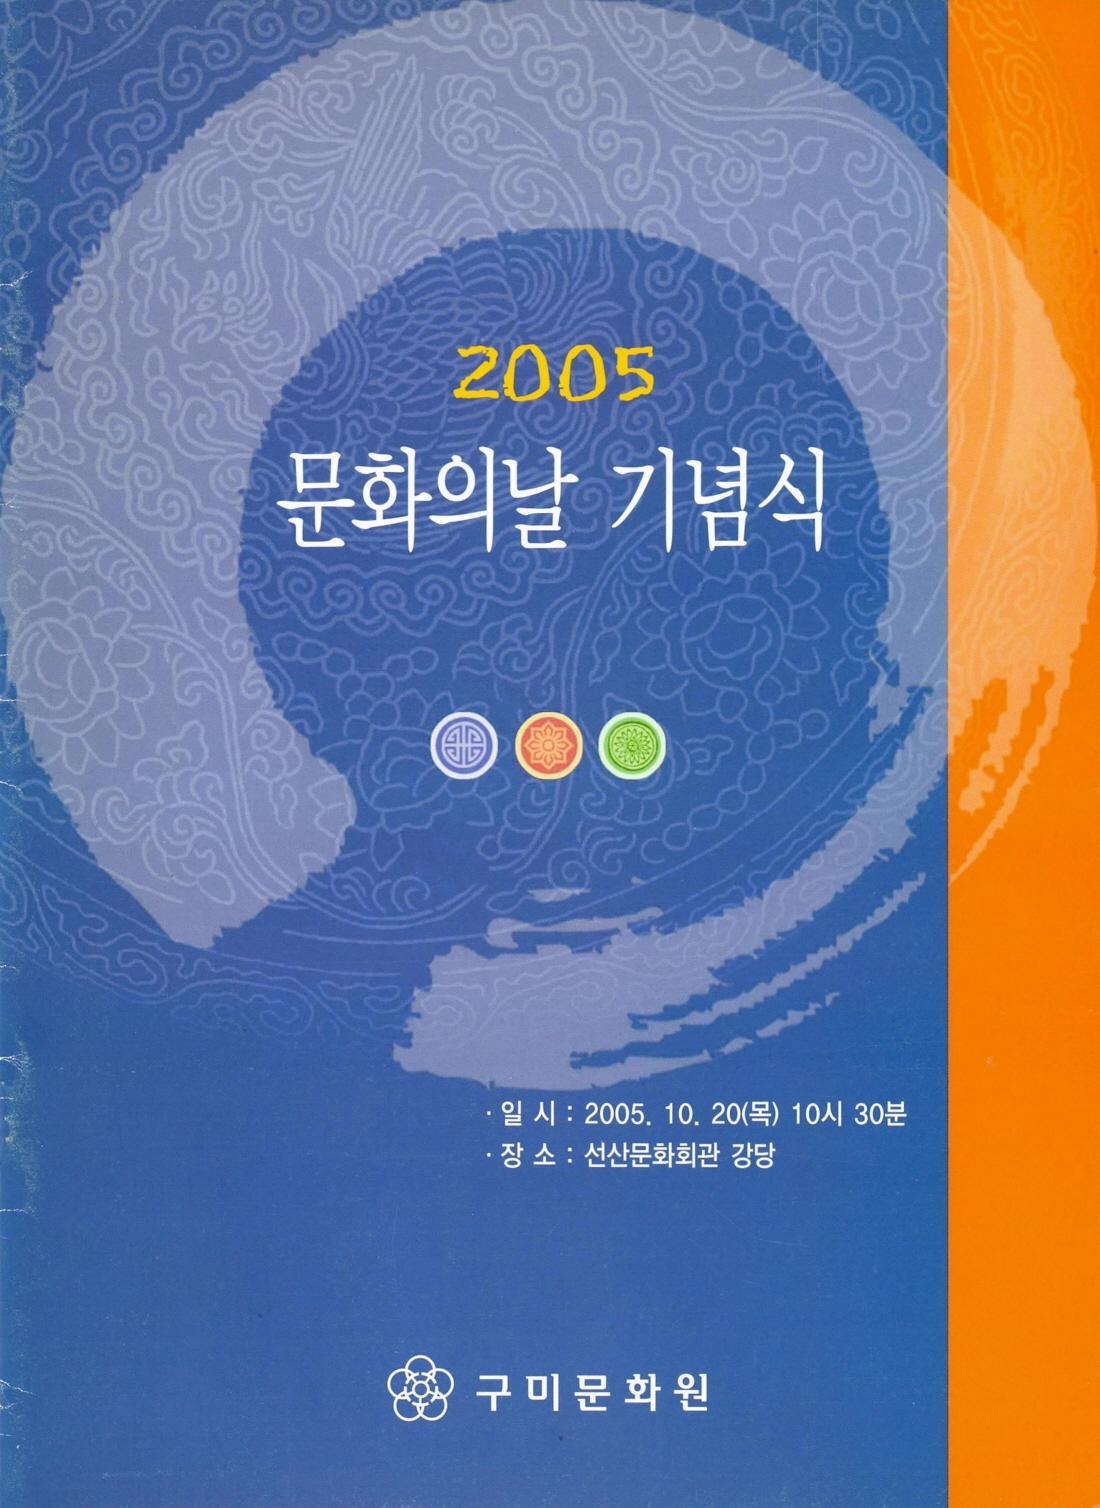 2005 문화의 날 기념식